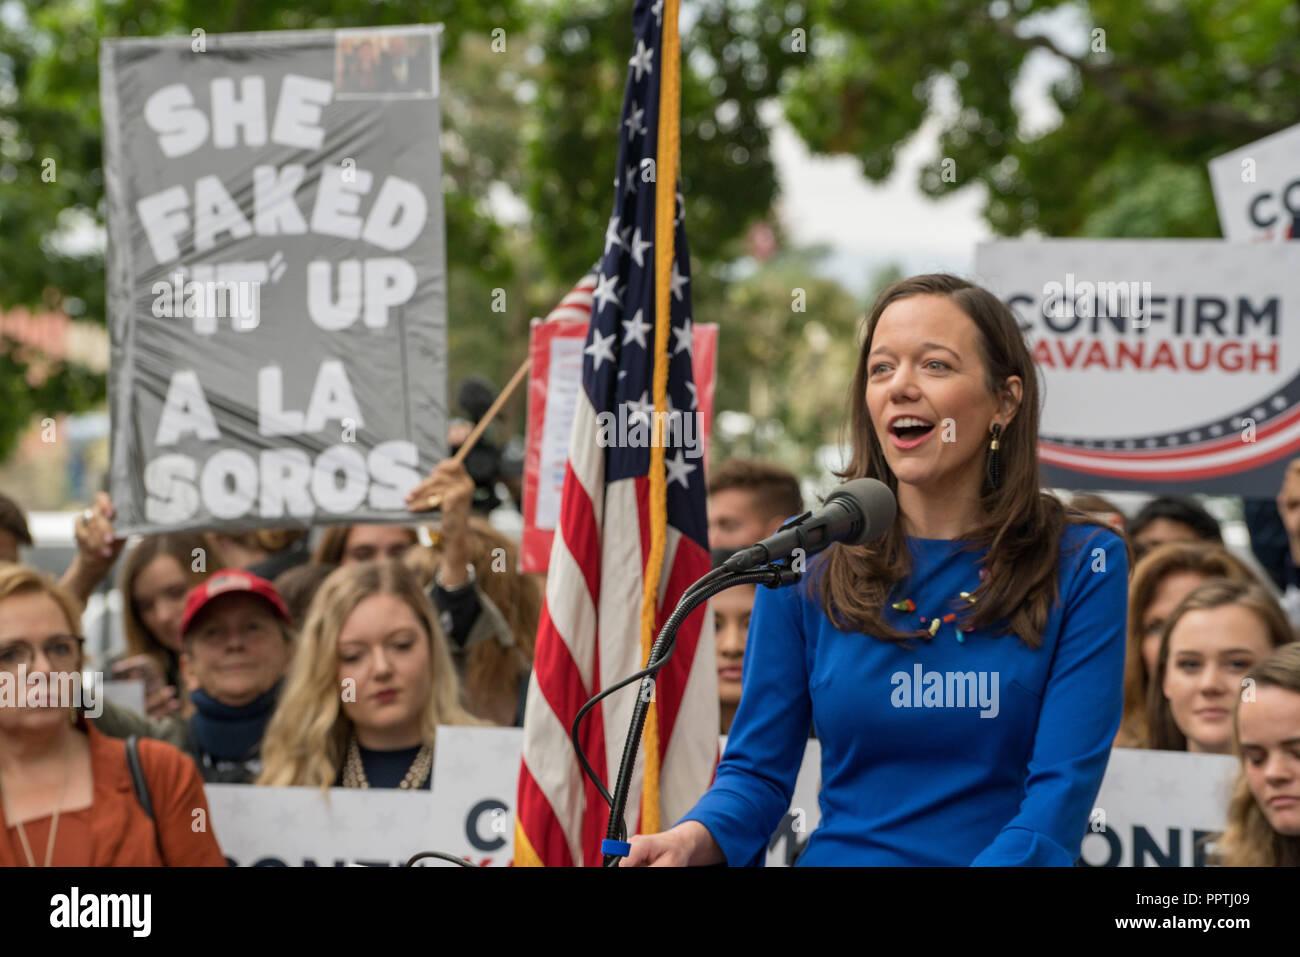 Washington, DC - 27 Settembre 2018: donne in attesa di supporto Rally Supreme Court Nominee Brett Kavanaugh Credito: Xavier Ascanio/Alamy Live News Foto Stock